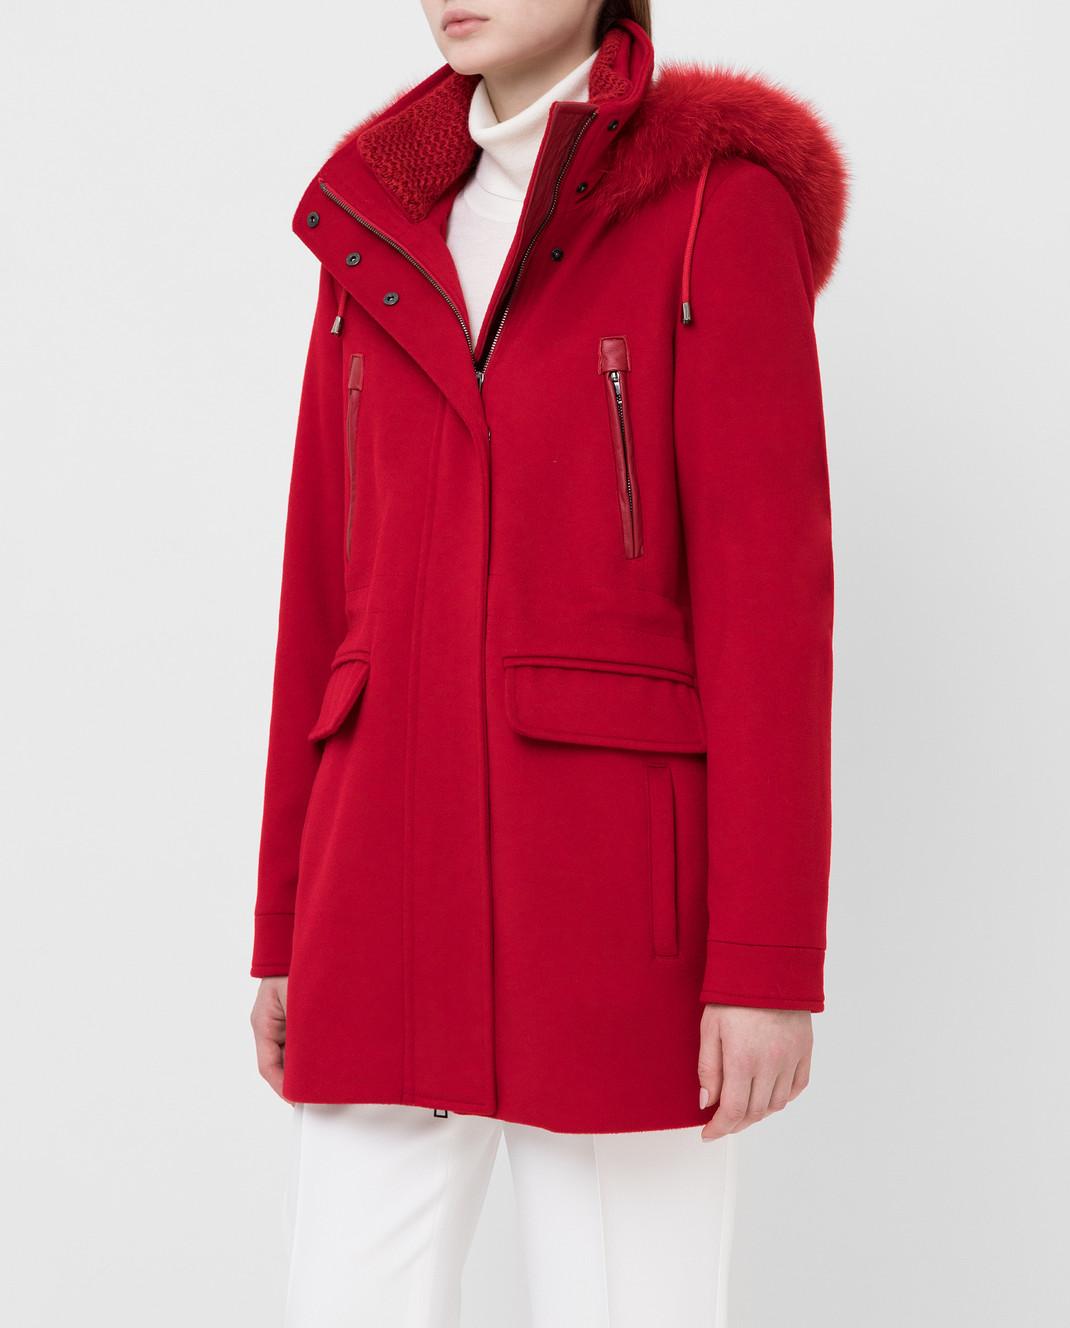 Heresis Красное пальто из шерсти P1080VO изображение 3